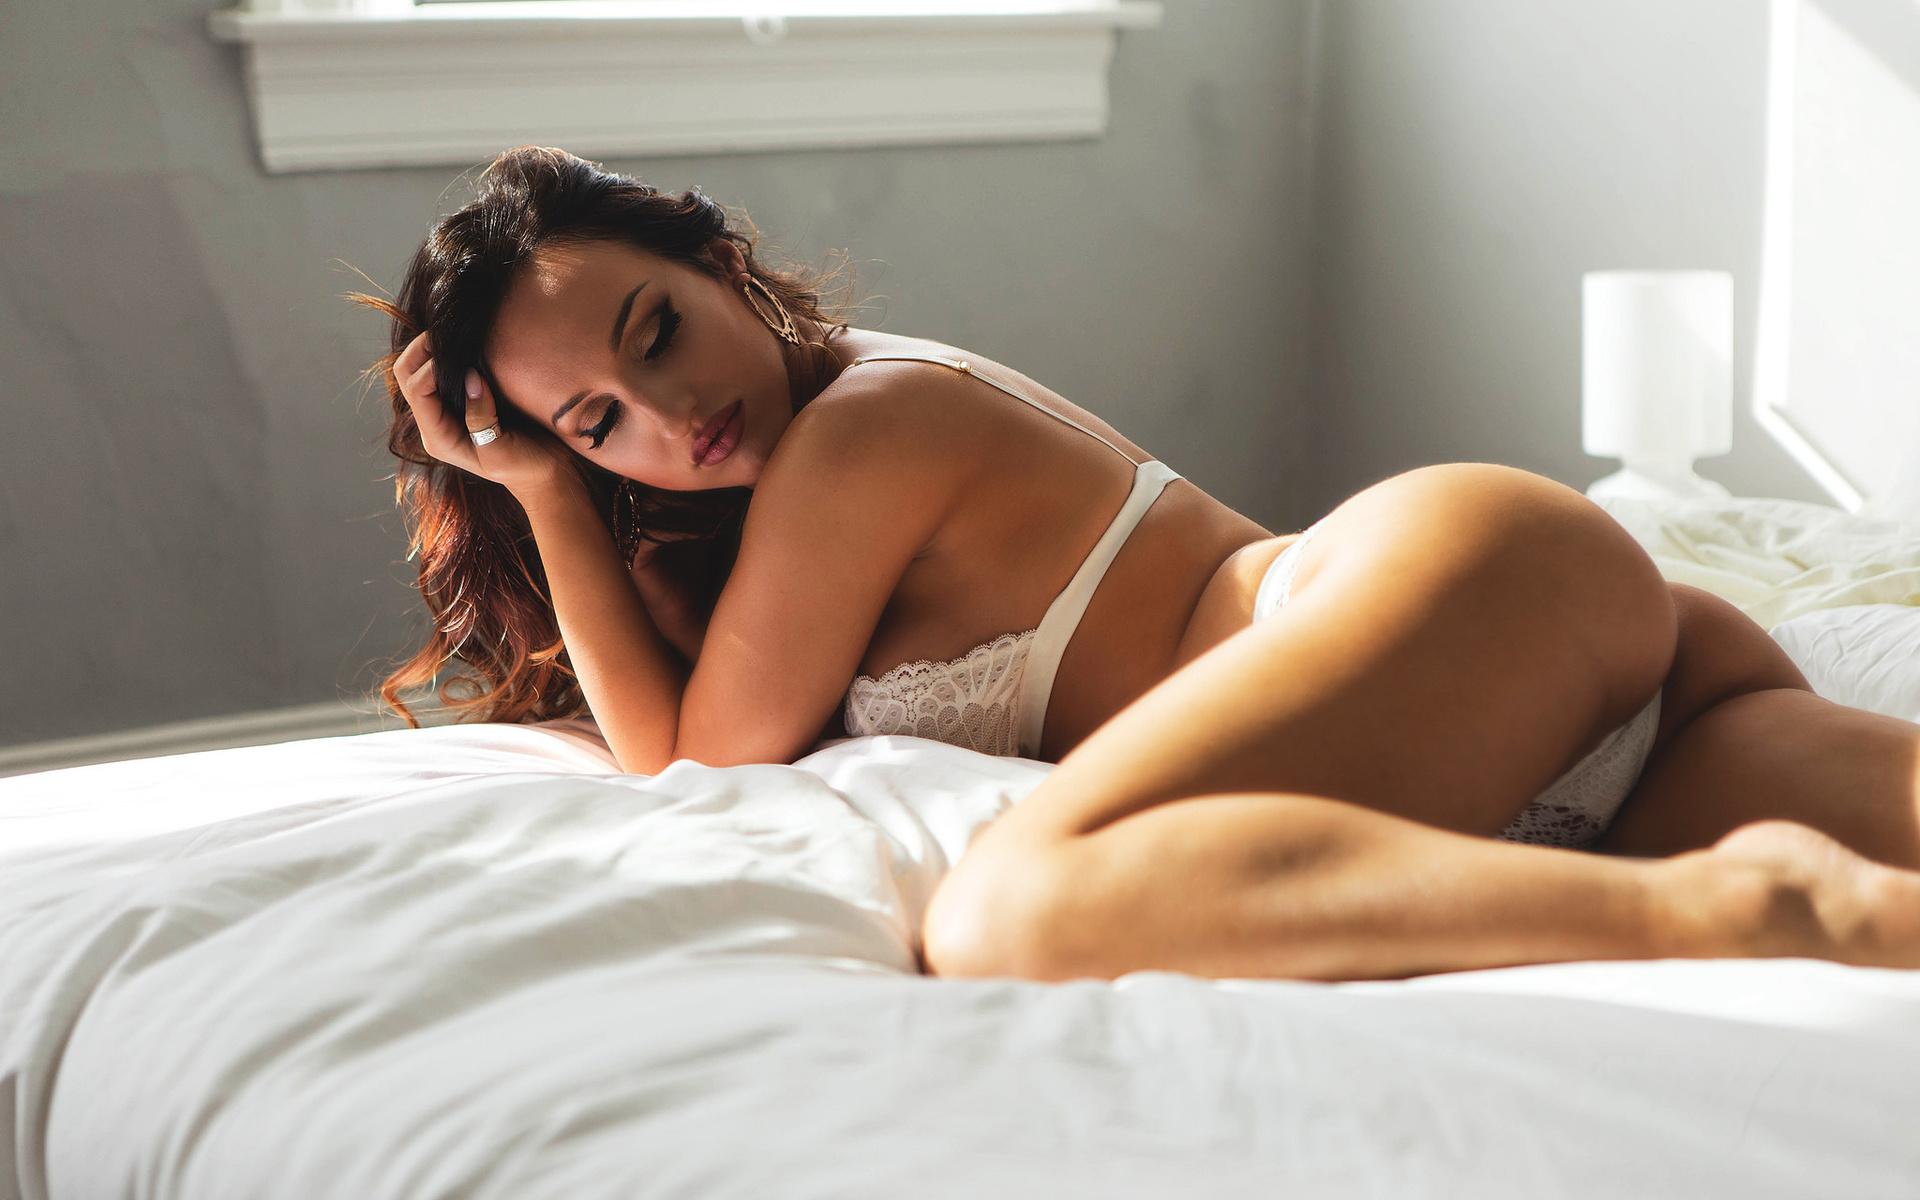 Фото попки девушек в постели, Большие задницы голых девушек в постели - Частное 1 фотография